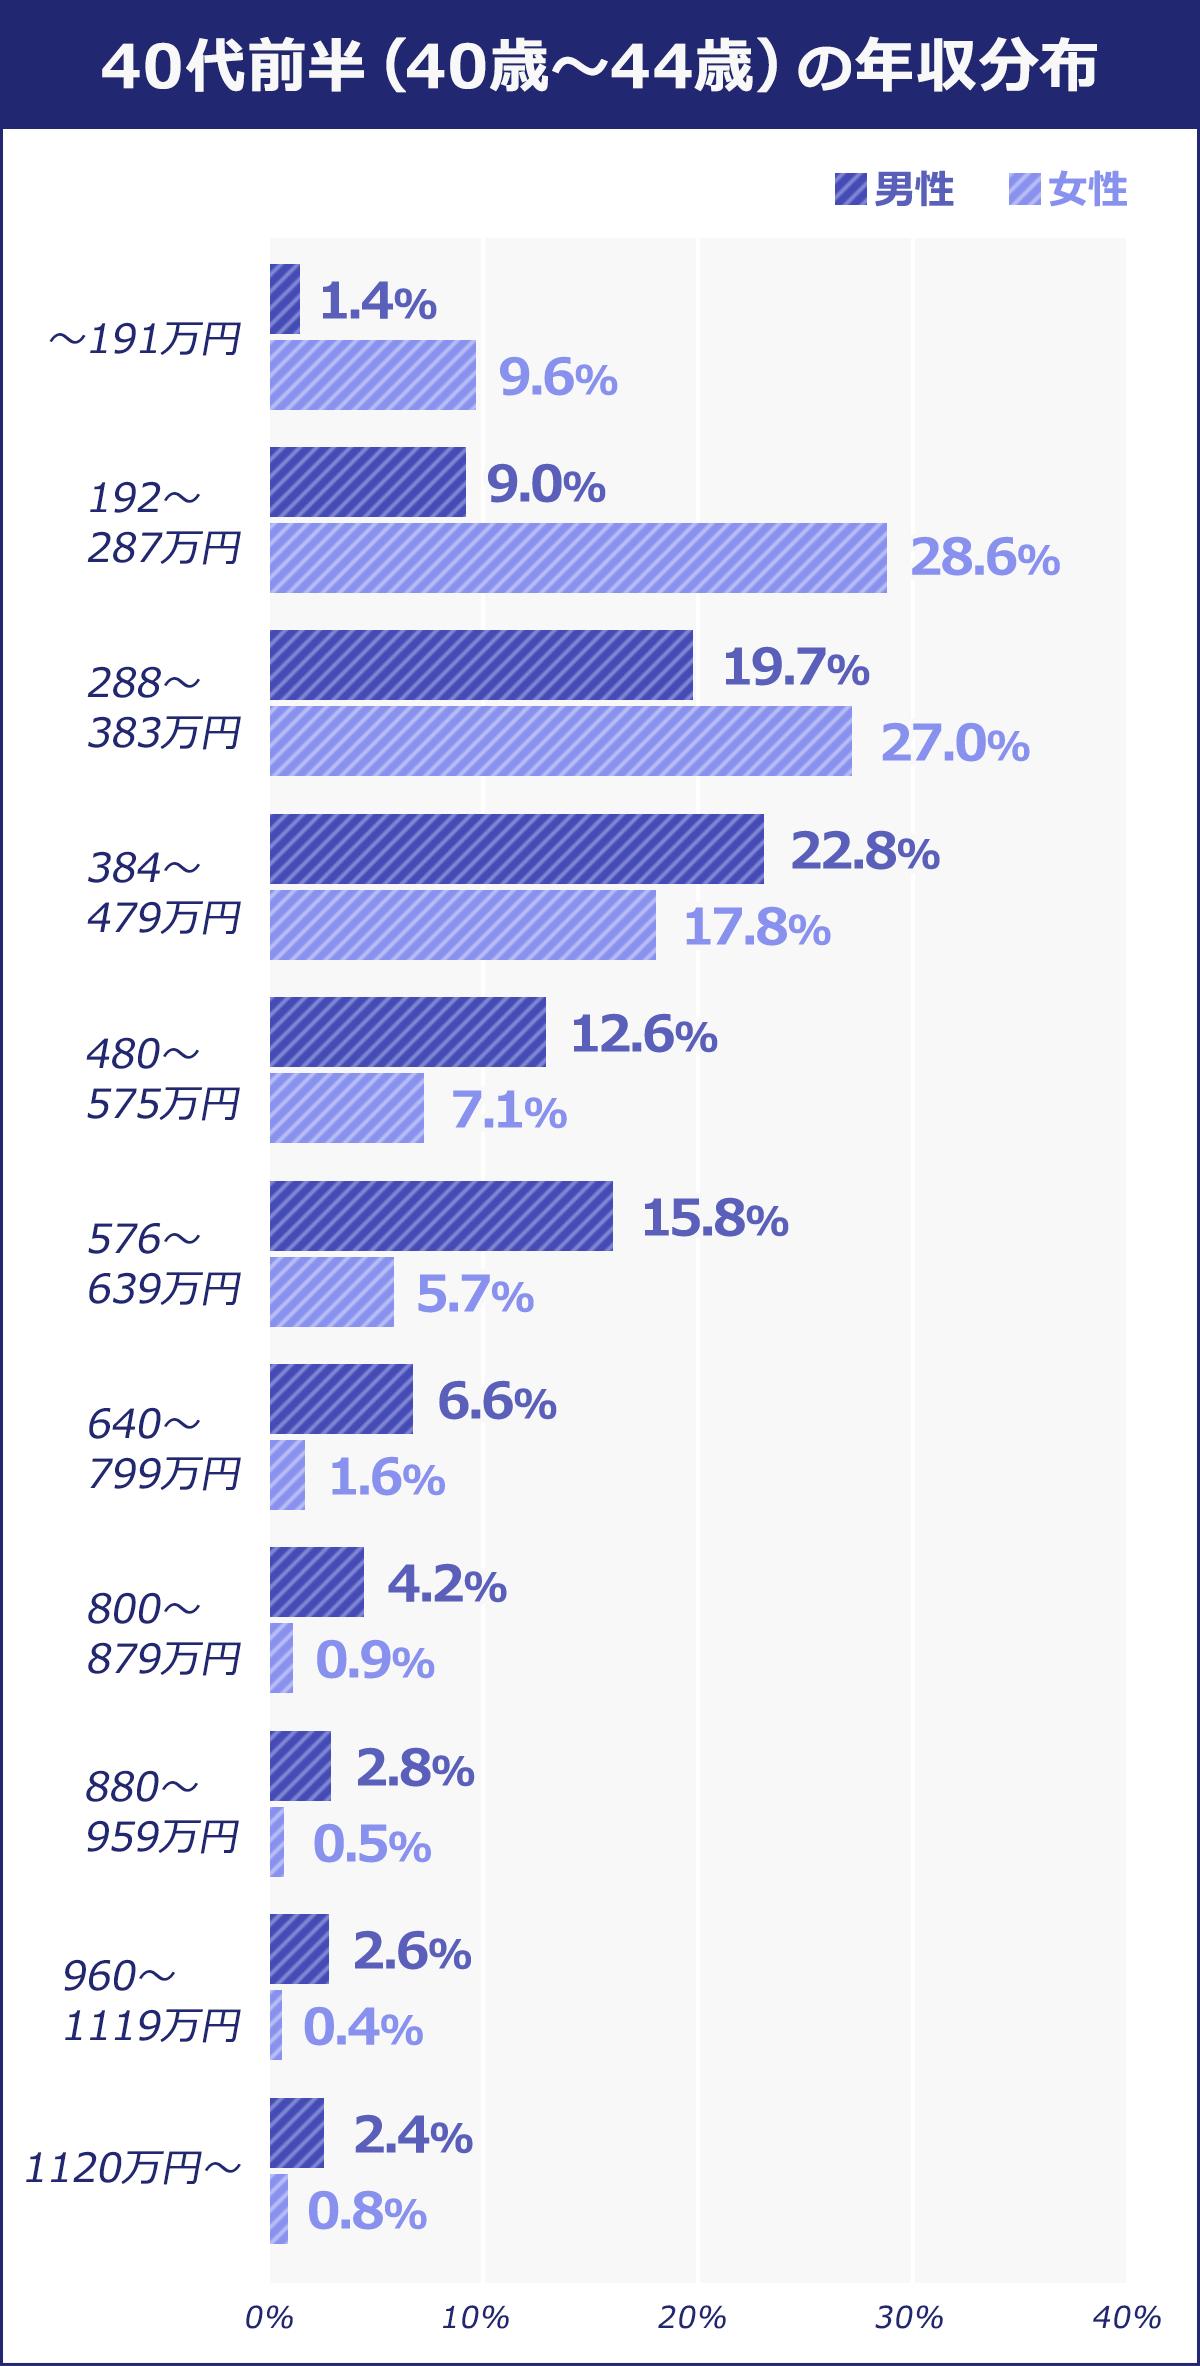 40代前半(40歳~44歳)~191万円:男性/1.4% 女性/9.6% 192~287万円:男性/9% 女性/28.6% 288~383万円:男性/19.7% 女性/27% 384~479万円:男性/22.8% 女性/17.8% 480~575万円:男性/12.6% 女性/7.1% 576~639万円:男性/15.8% 女性/5.7% 640~799万円:男性/6.6% 女性/1.6% 800~879万円:男性/4.2% 女性/0.9% 880~959万円:男性/2.8% 女性/0.5% 960~1119万円:男性/2.6% 女性/0.4%